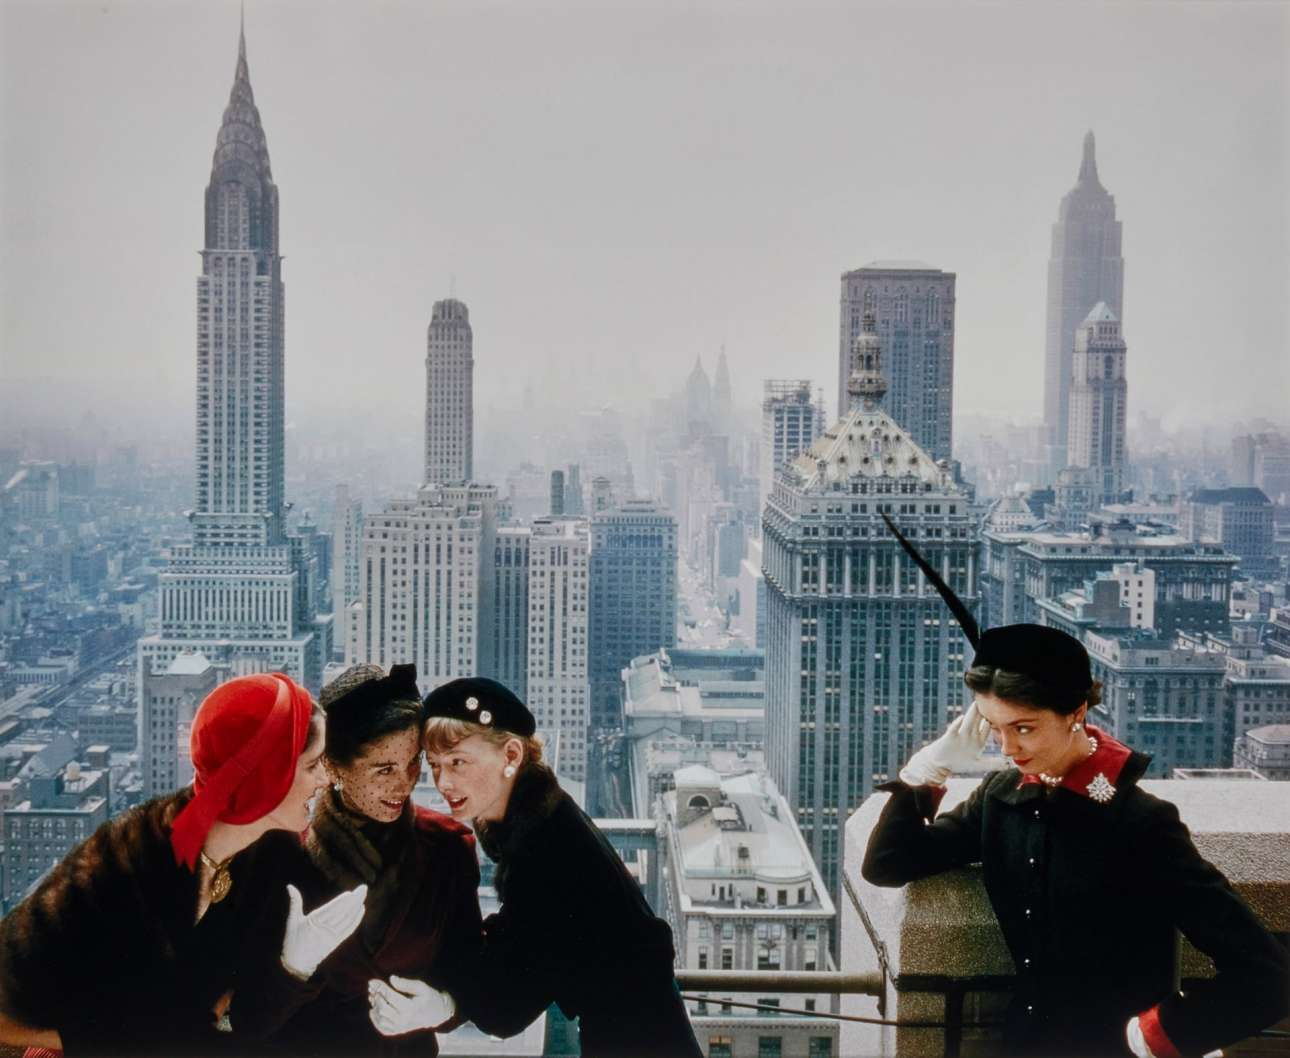 Ολες οι τάσεις στα καπέλα κυριαρχούν σε φωτογράφιση της Vogue, το 1949. «Κανείς δεν έχει το δικαίωμα να κάνει τη φωτογραφία βαρετή» είχε πει ο Νόρμαν Πάρκινσον